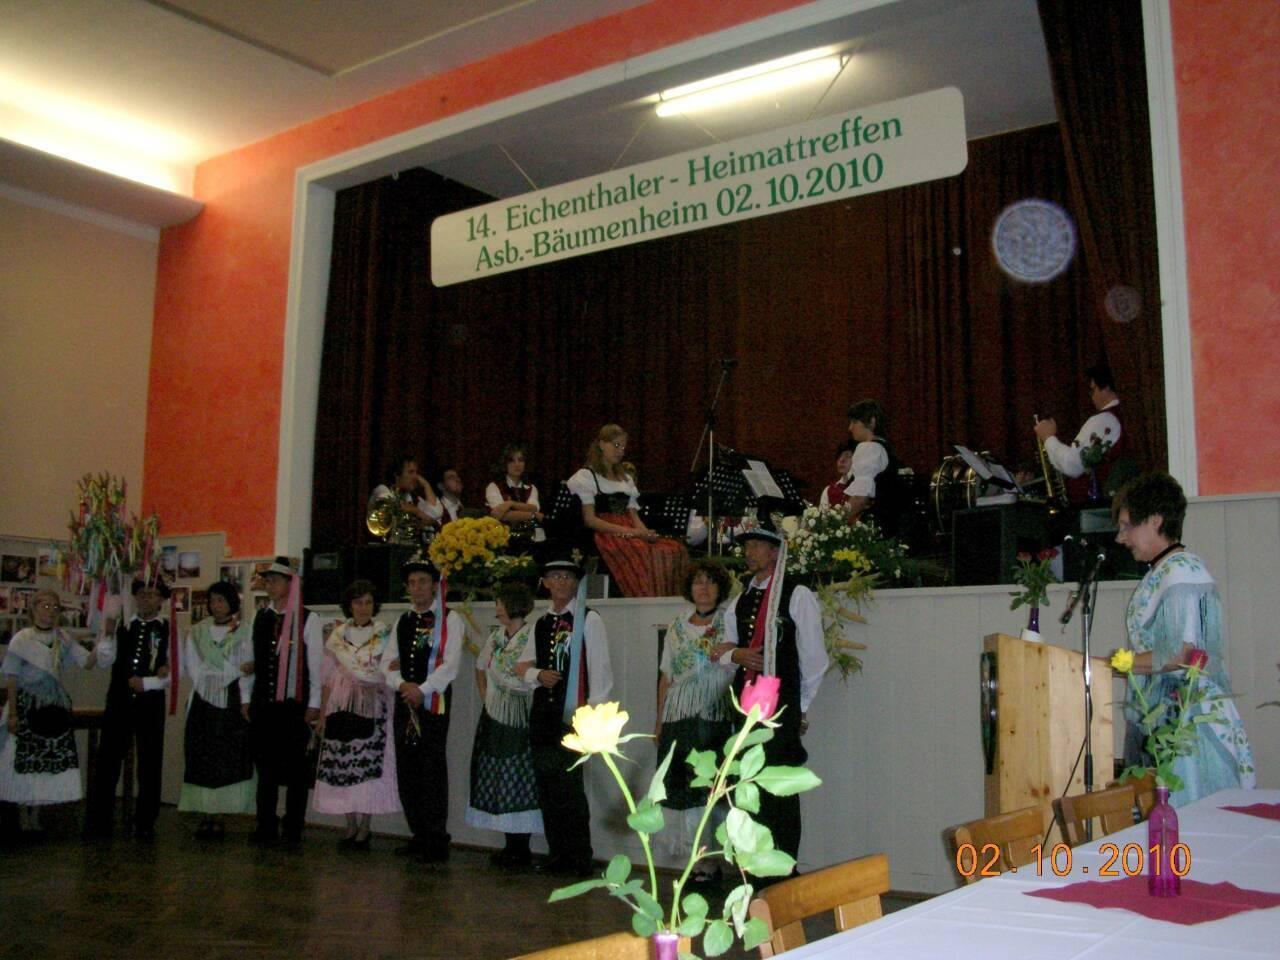 letzte Eichenthaler Treffen in Bäumenheim 2010